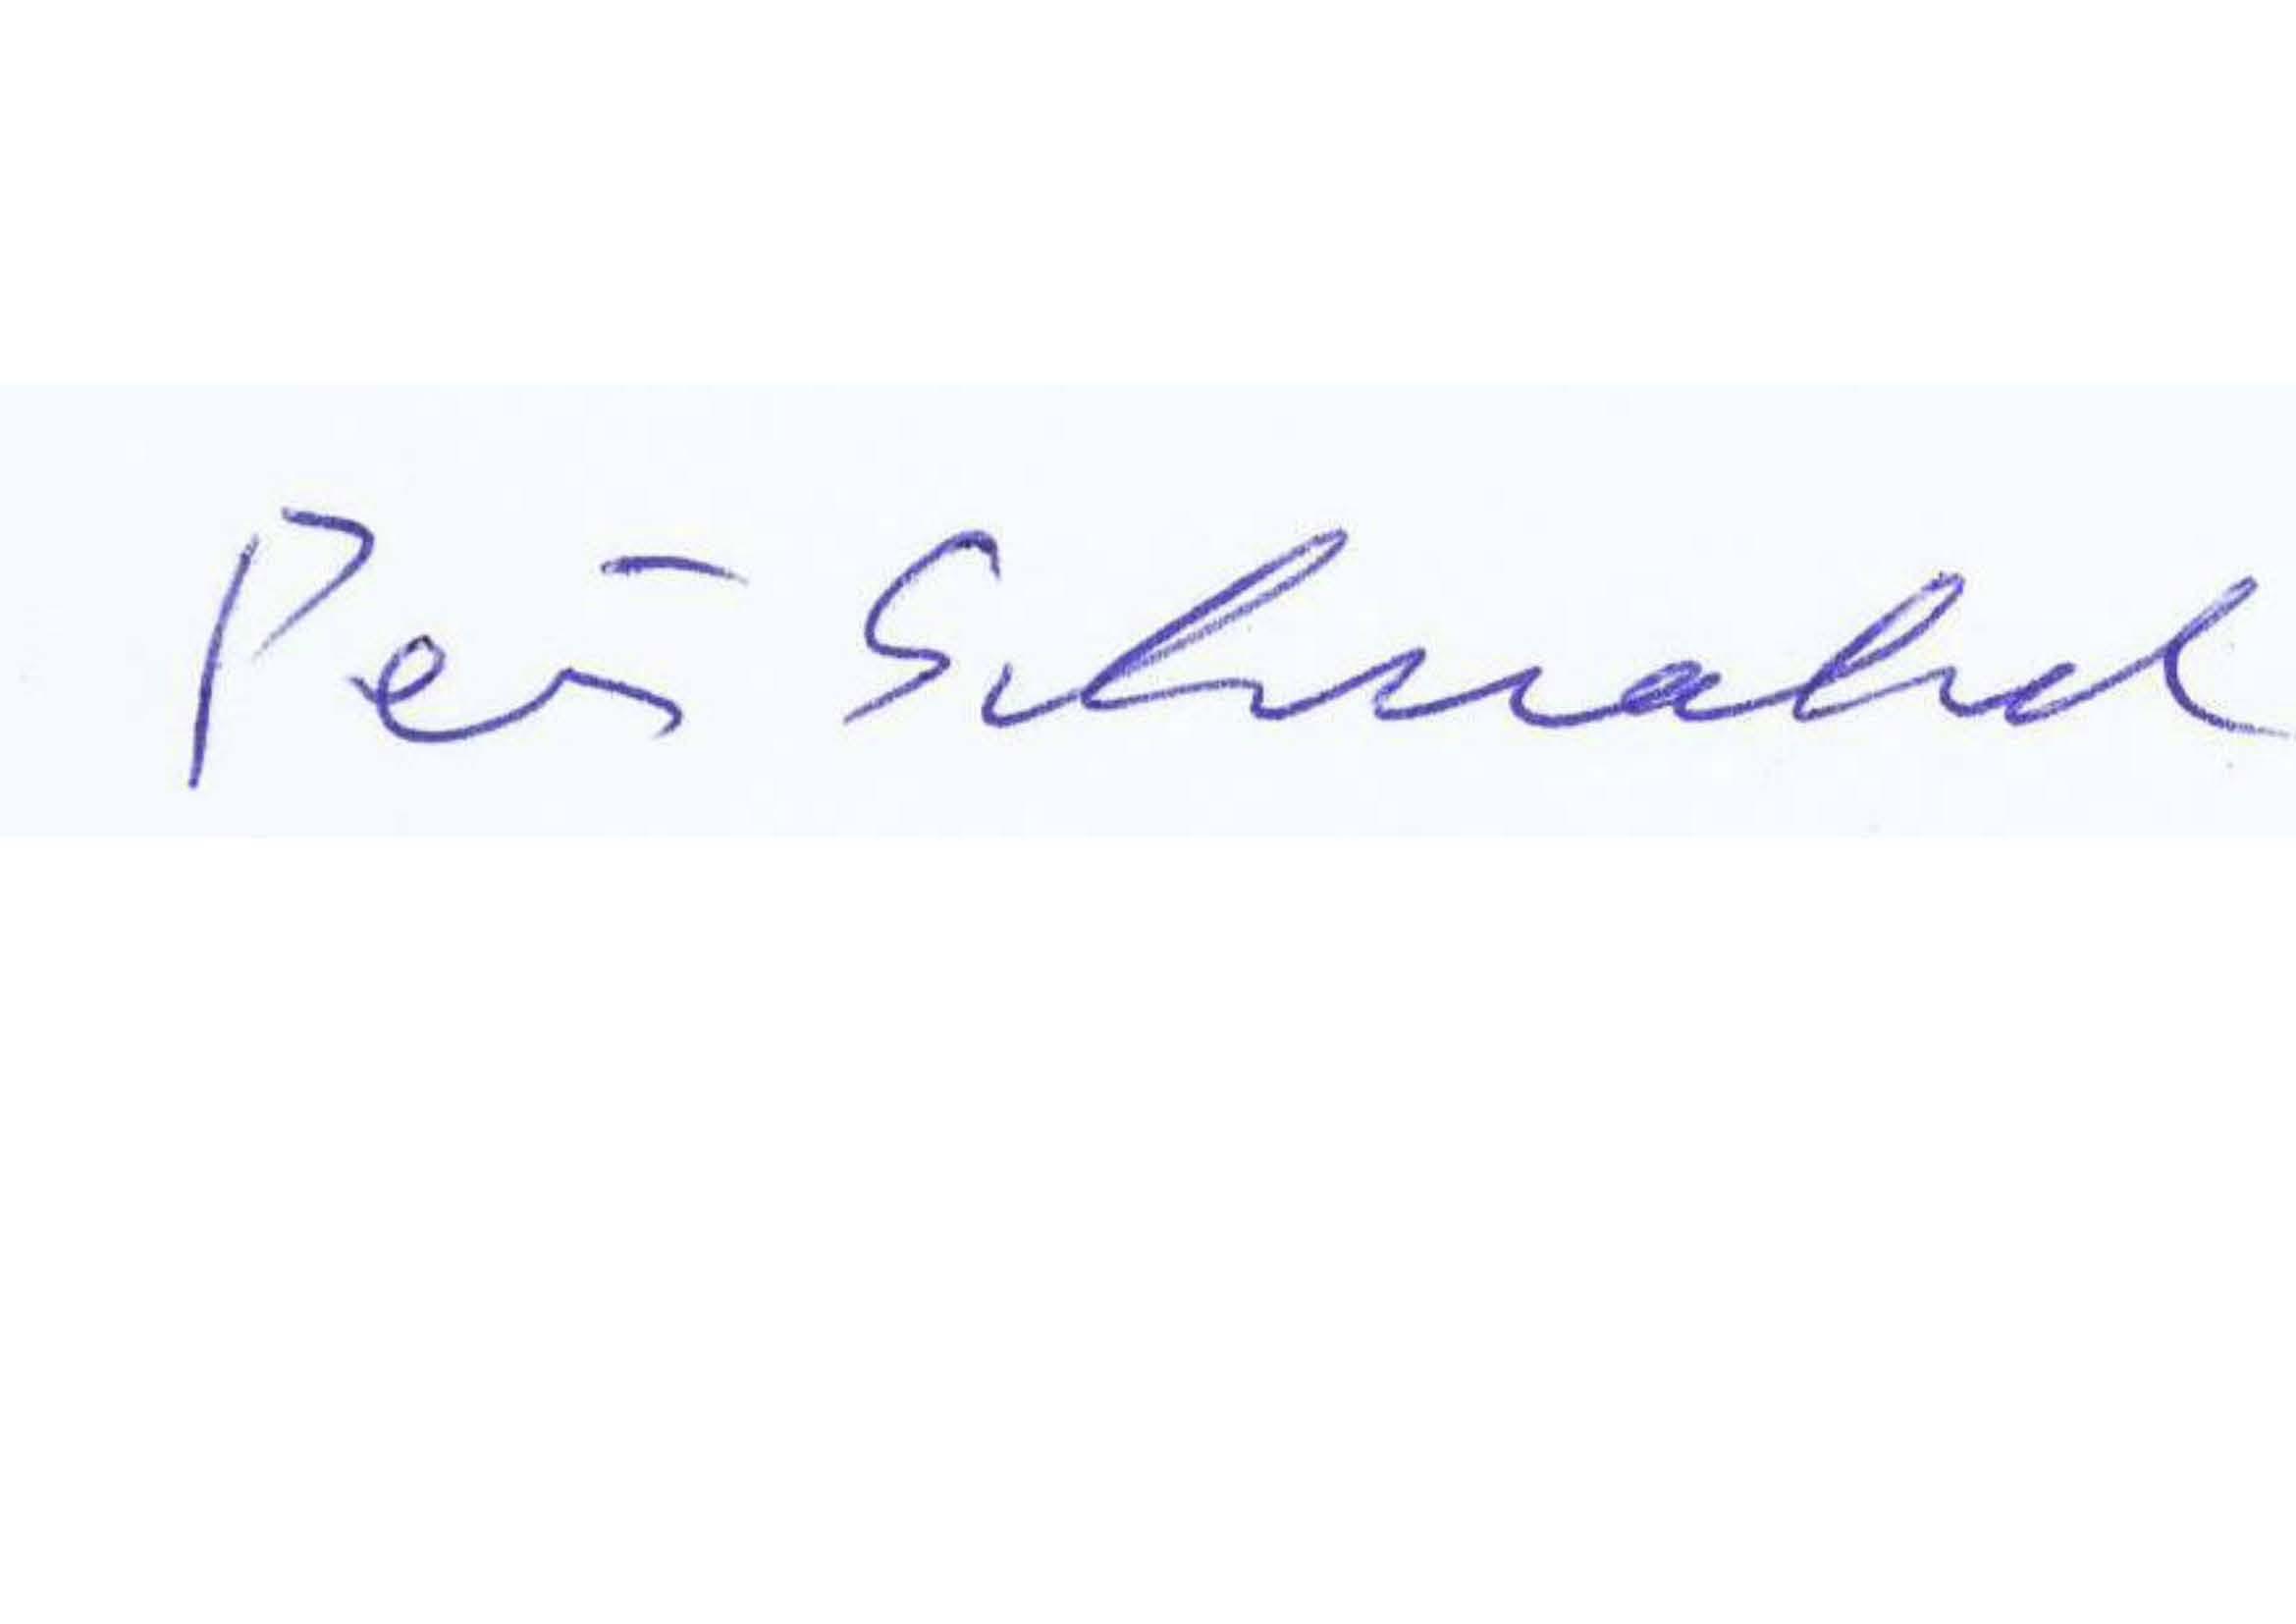 digitale Unterschrift-Schnabel.jpg - 79.19 KB